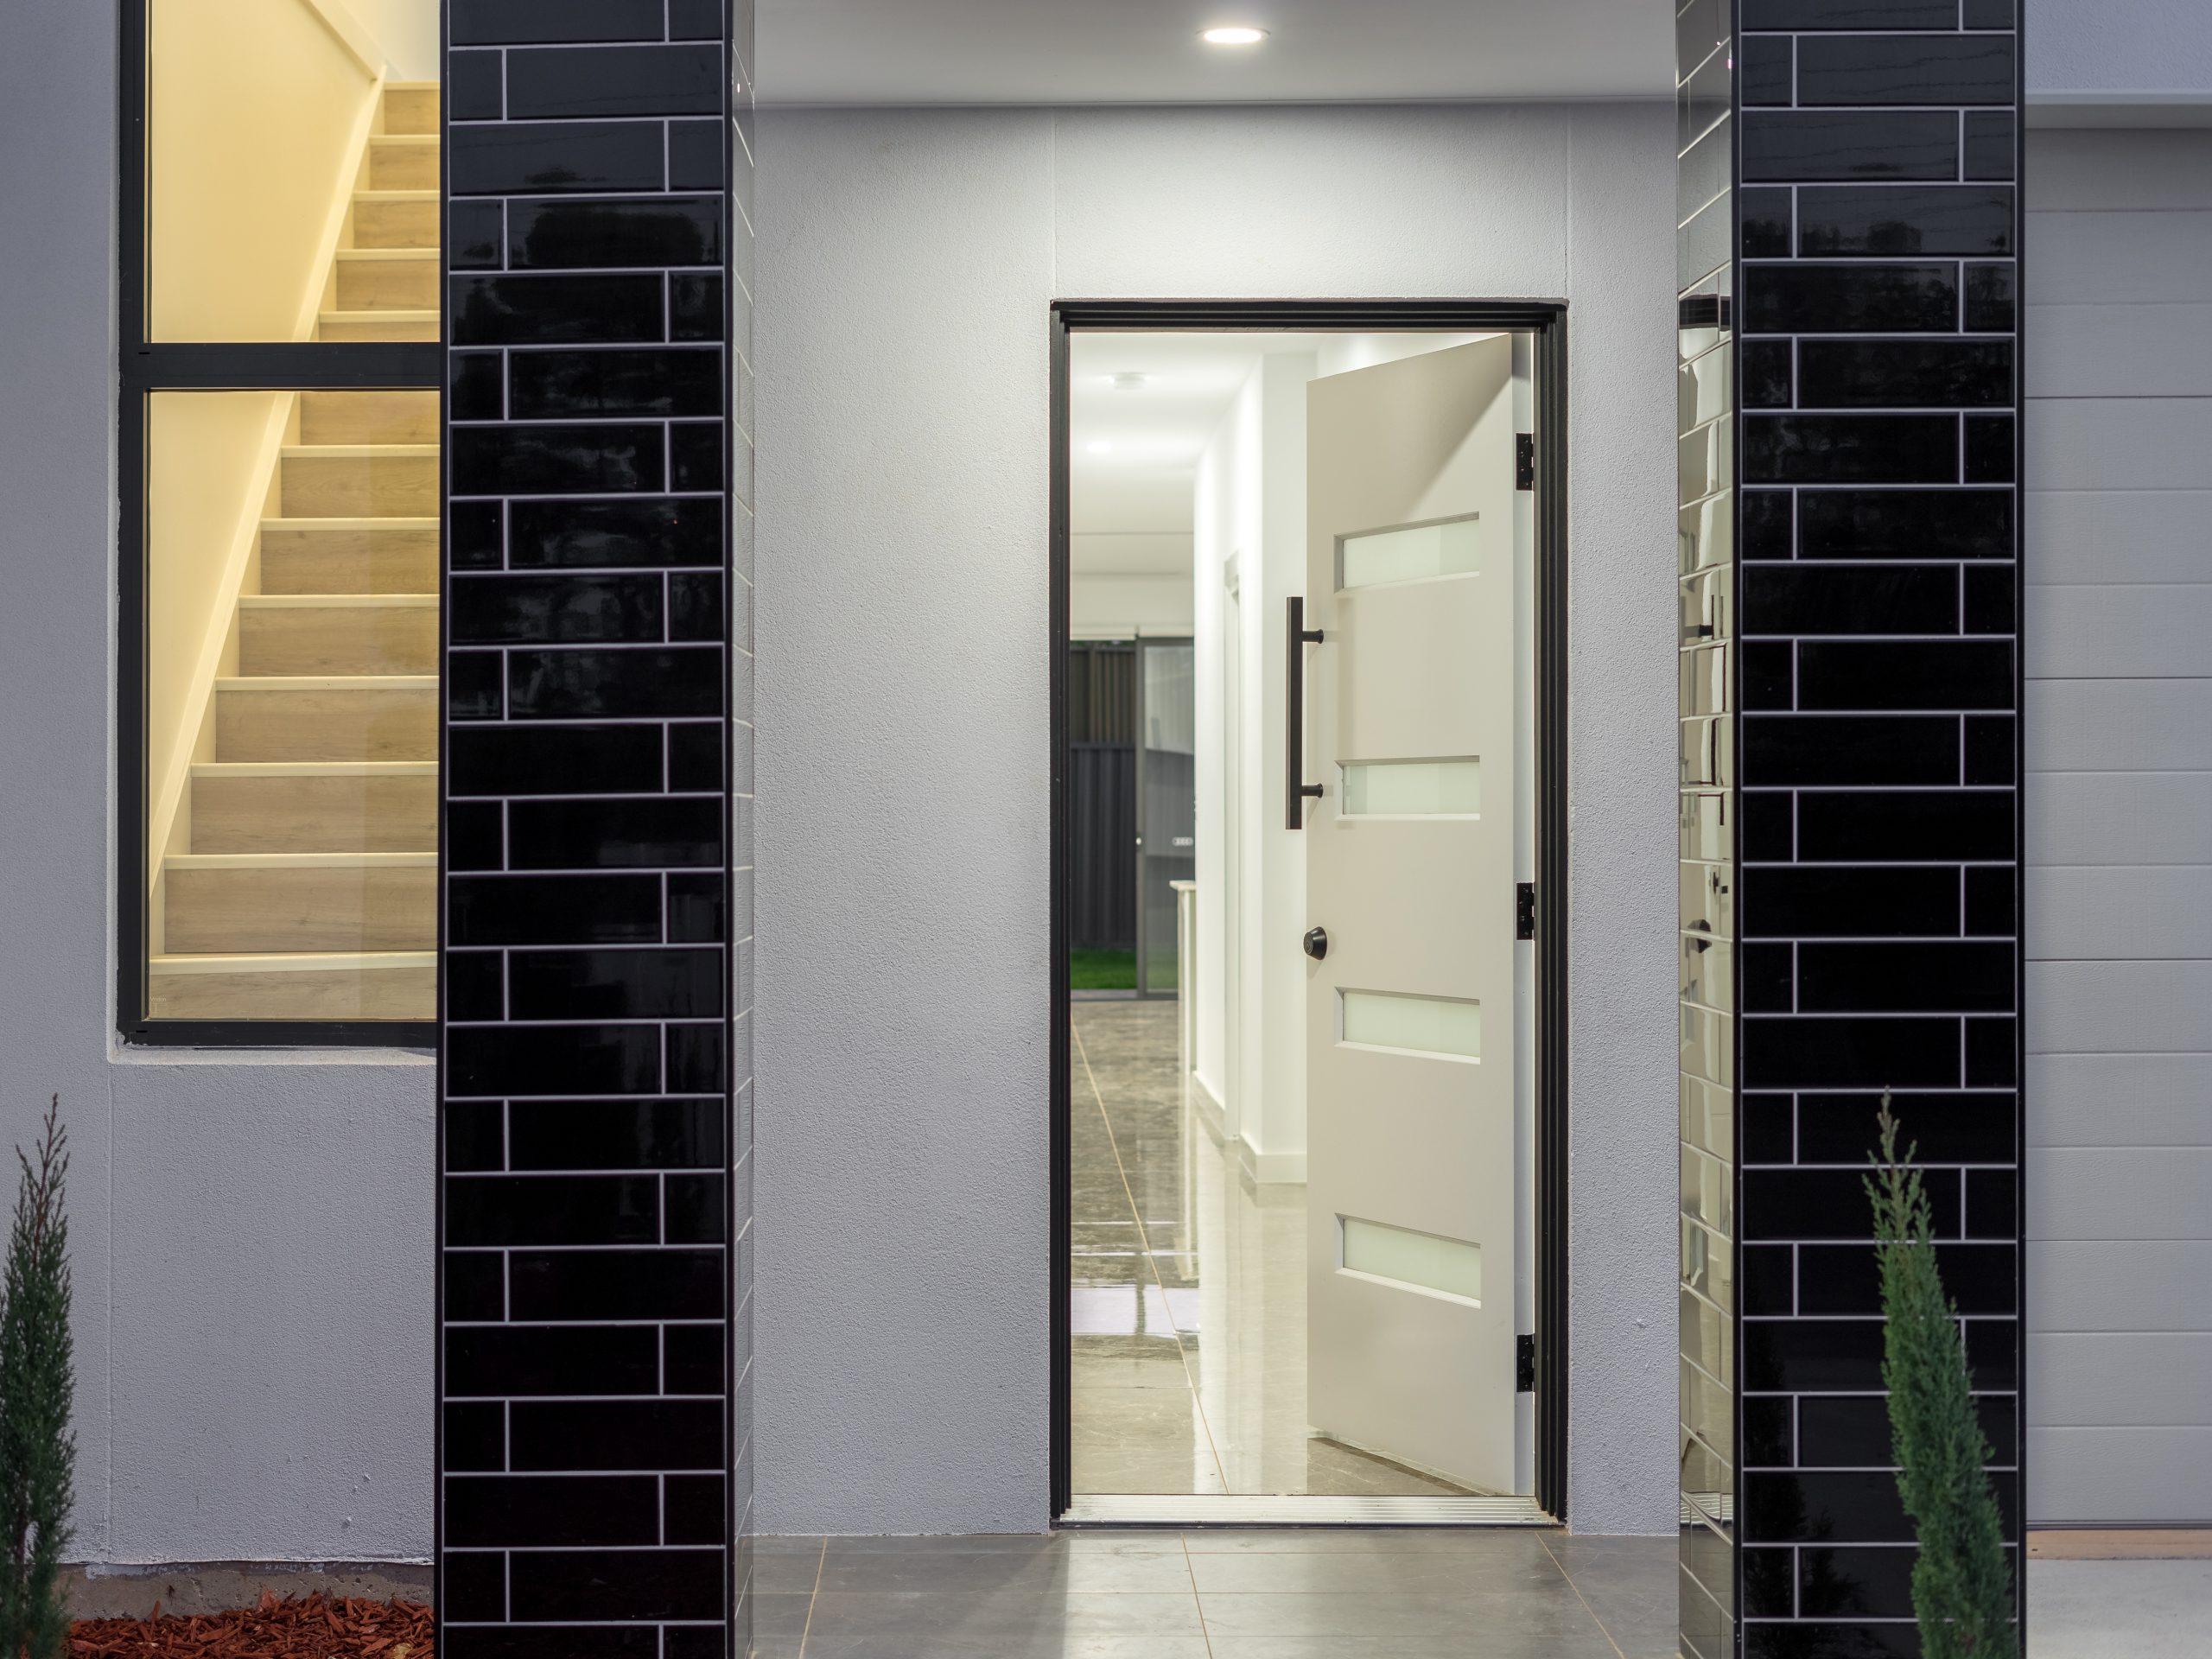 Ingle Farm - Pandanya - HBC Homes Adelaide - DSC00901-HDR